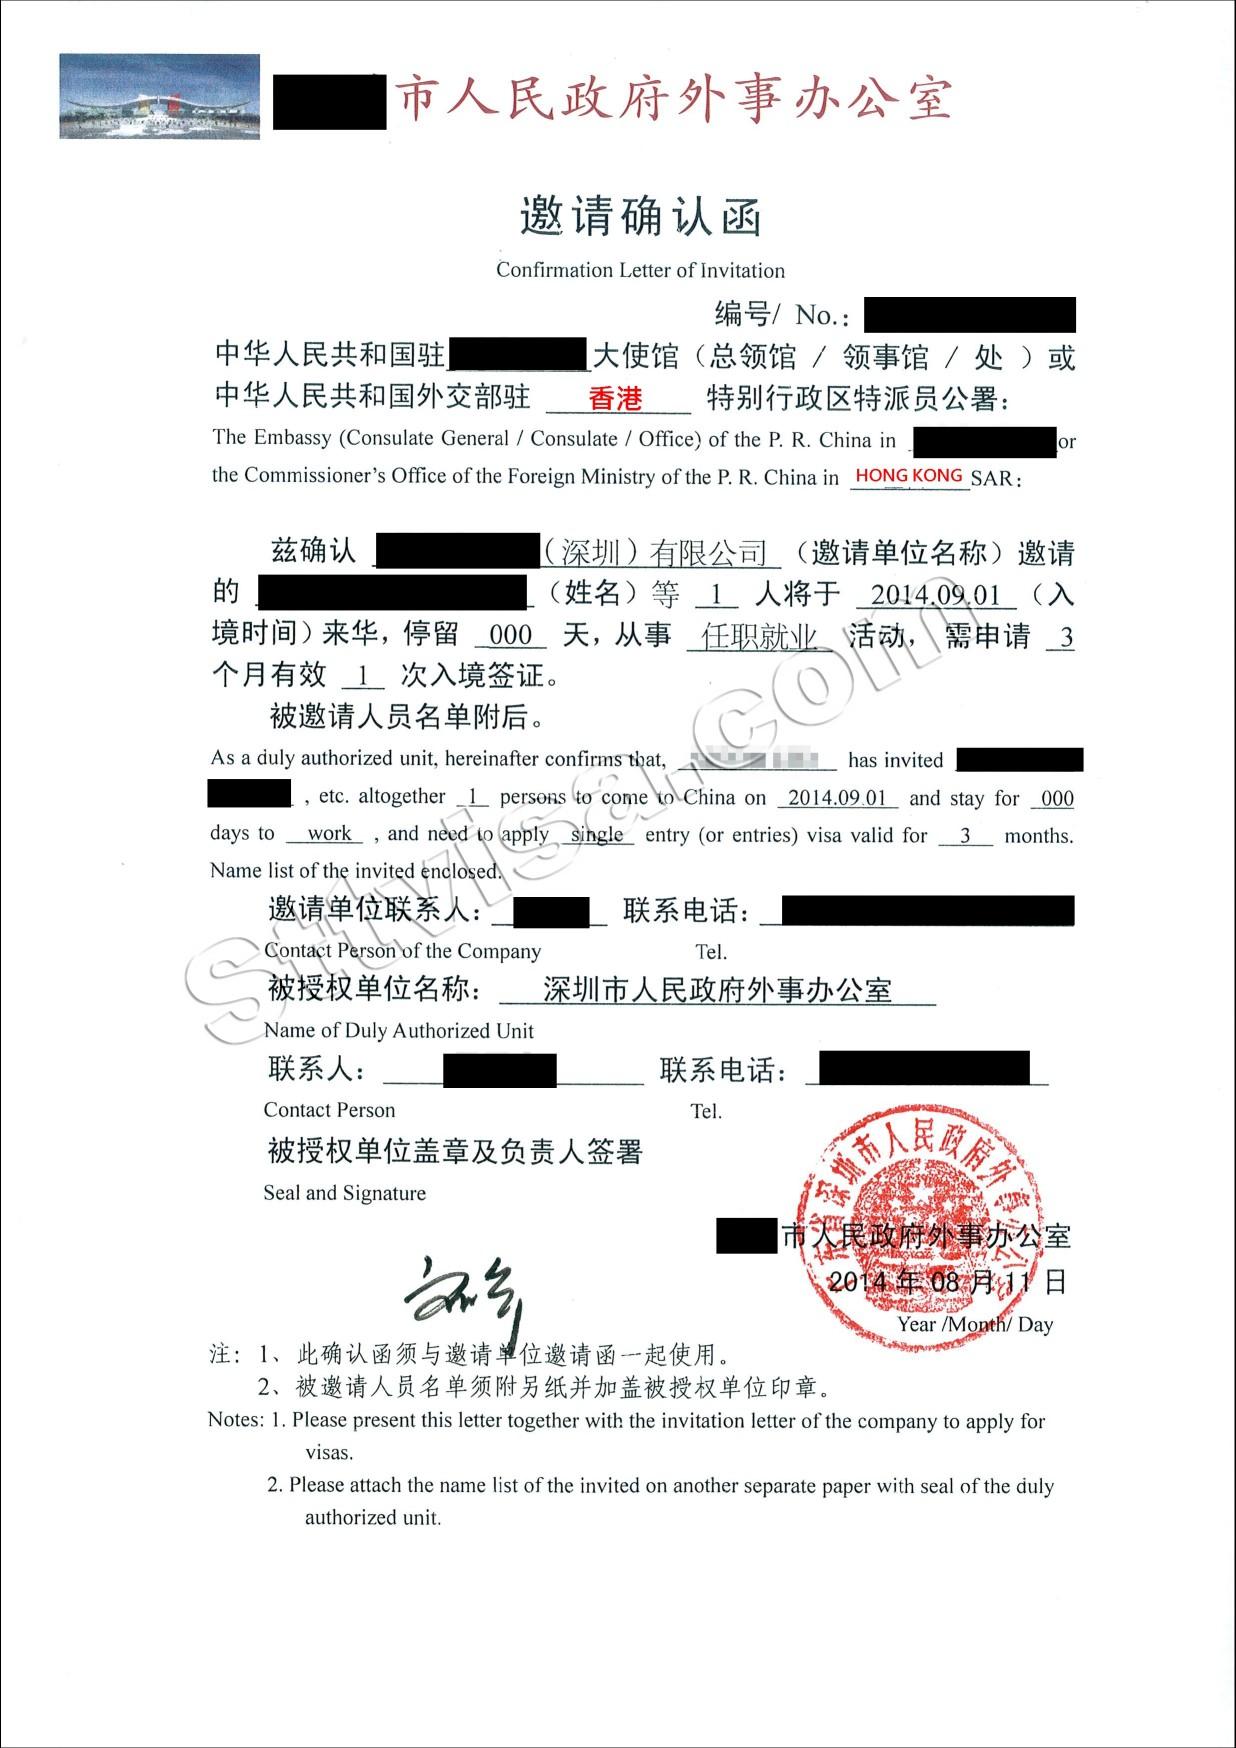 外國人要去中國要如何簡單辦理簽證 - CHINA VISA